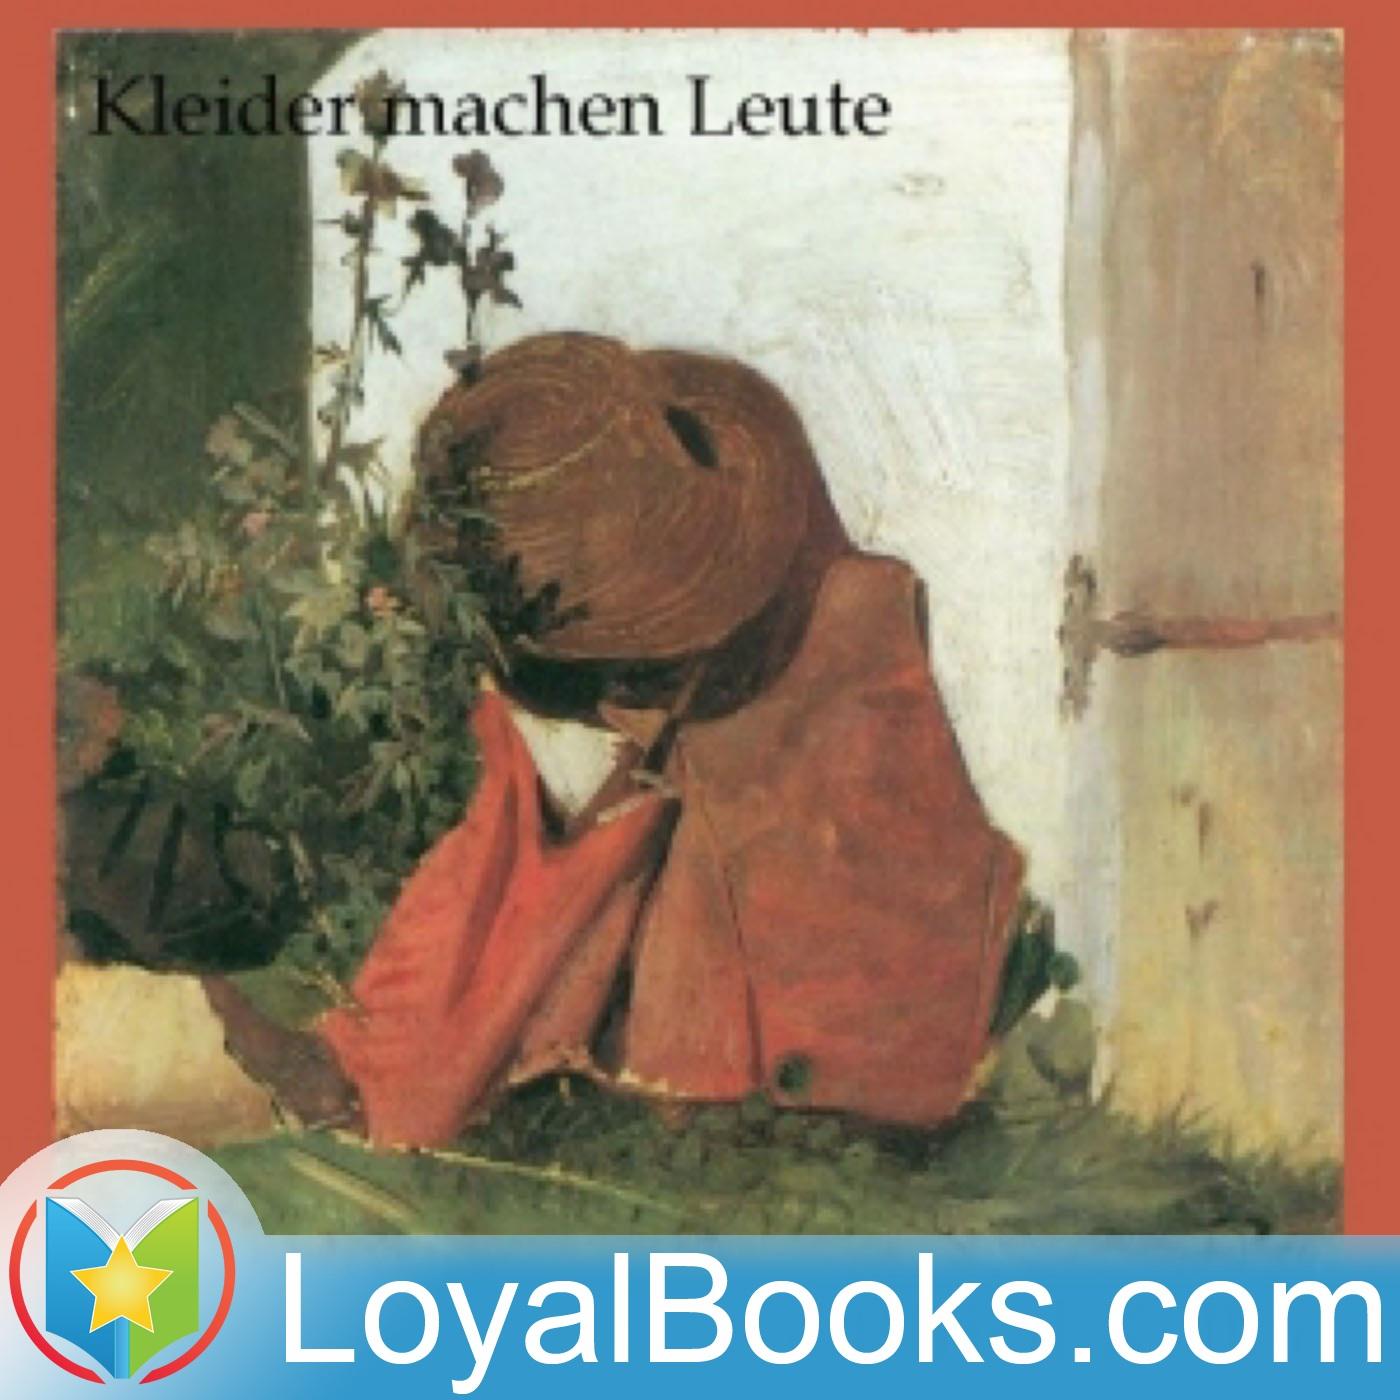 <![CDATA[Kleider machen Leute by Gottfried Keller]]>